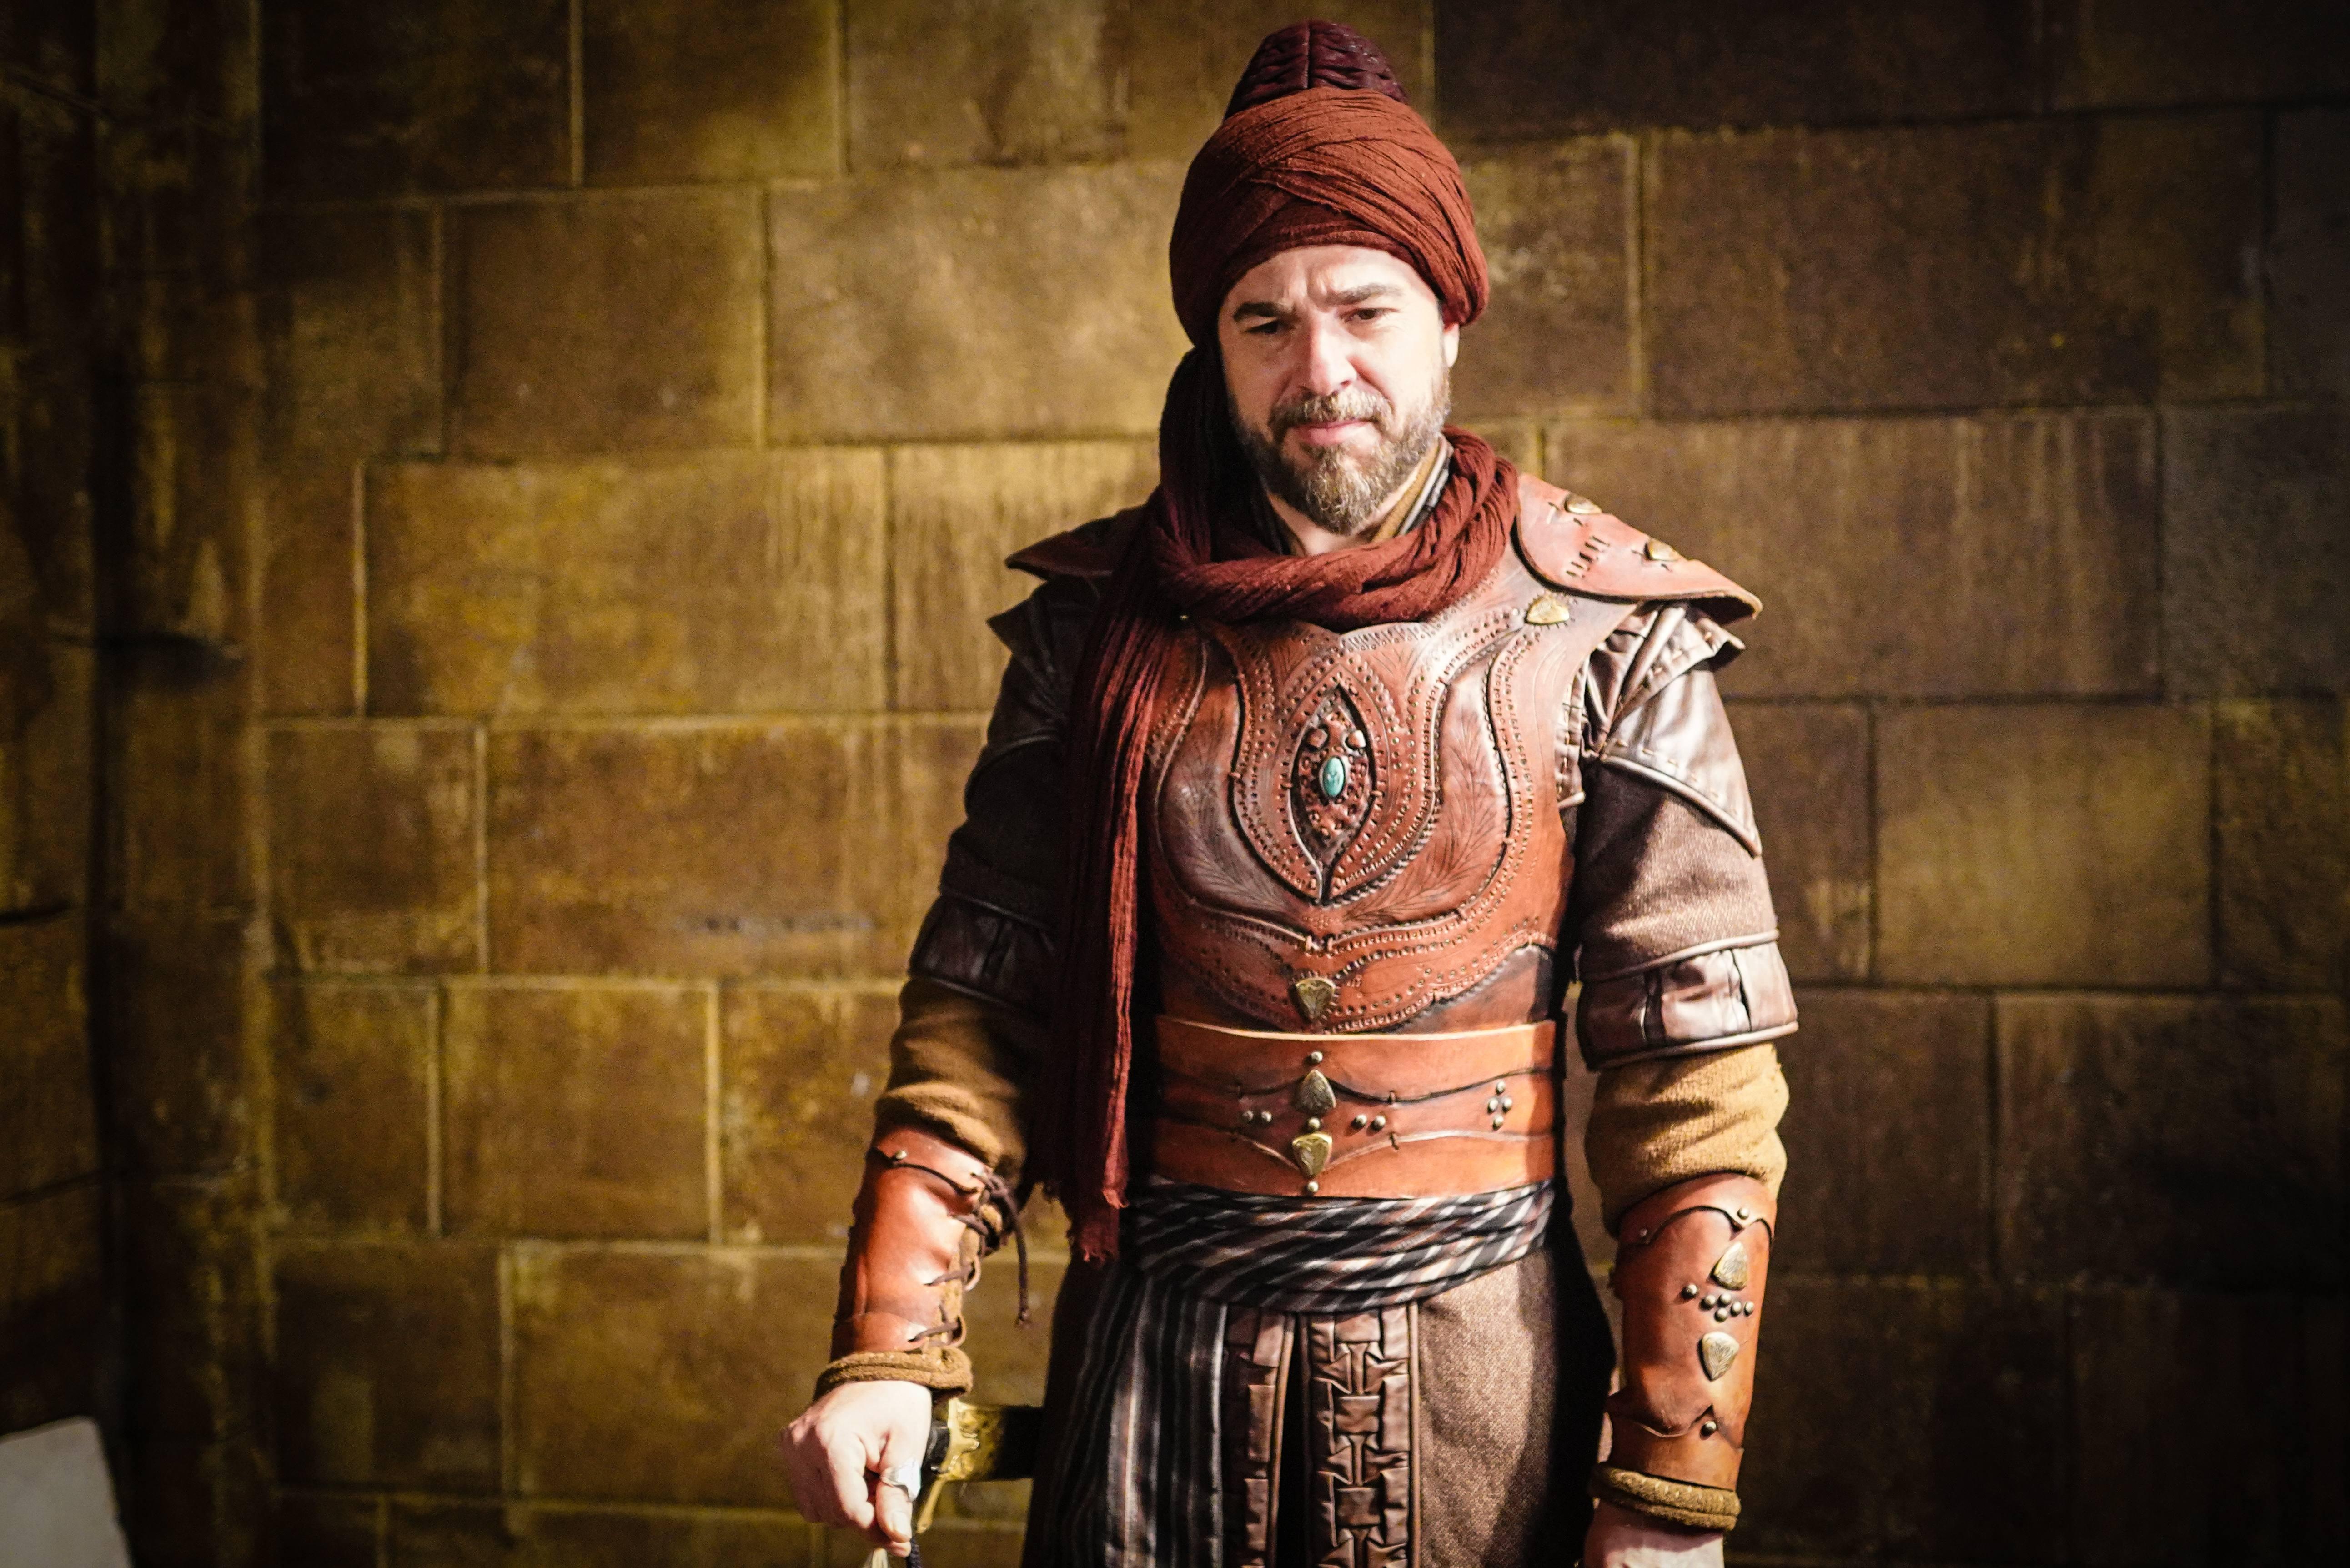 صور رسمية من الحلقة القادمة 144 من الموسم الخامس من قيامة أرطغرل بجودة عالية جداً